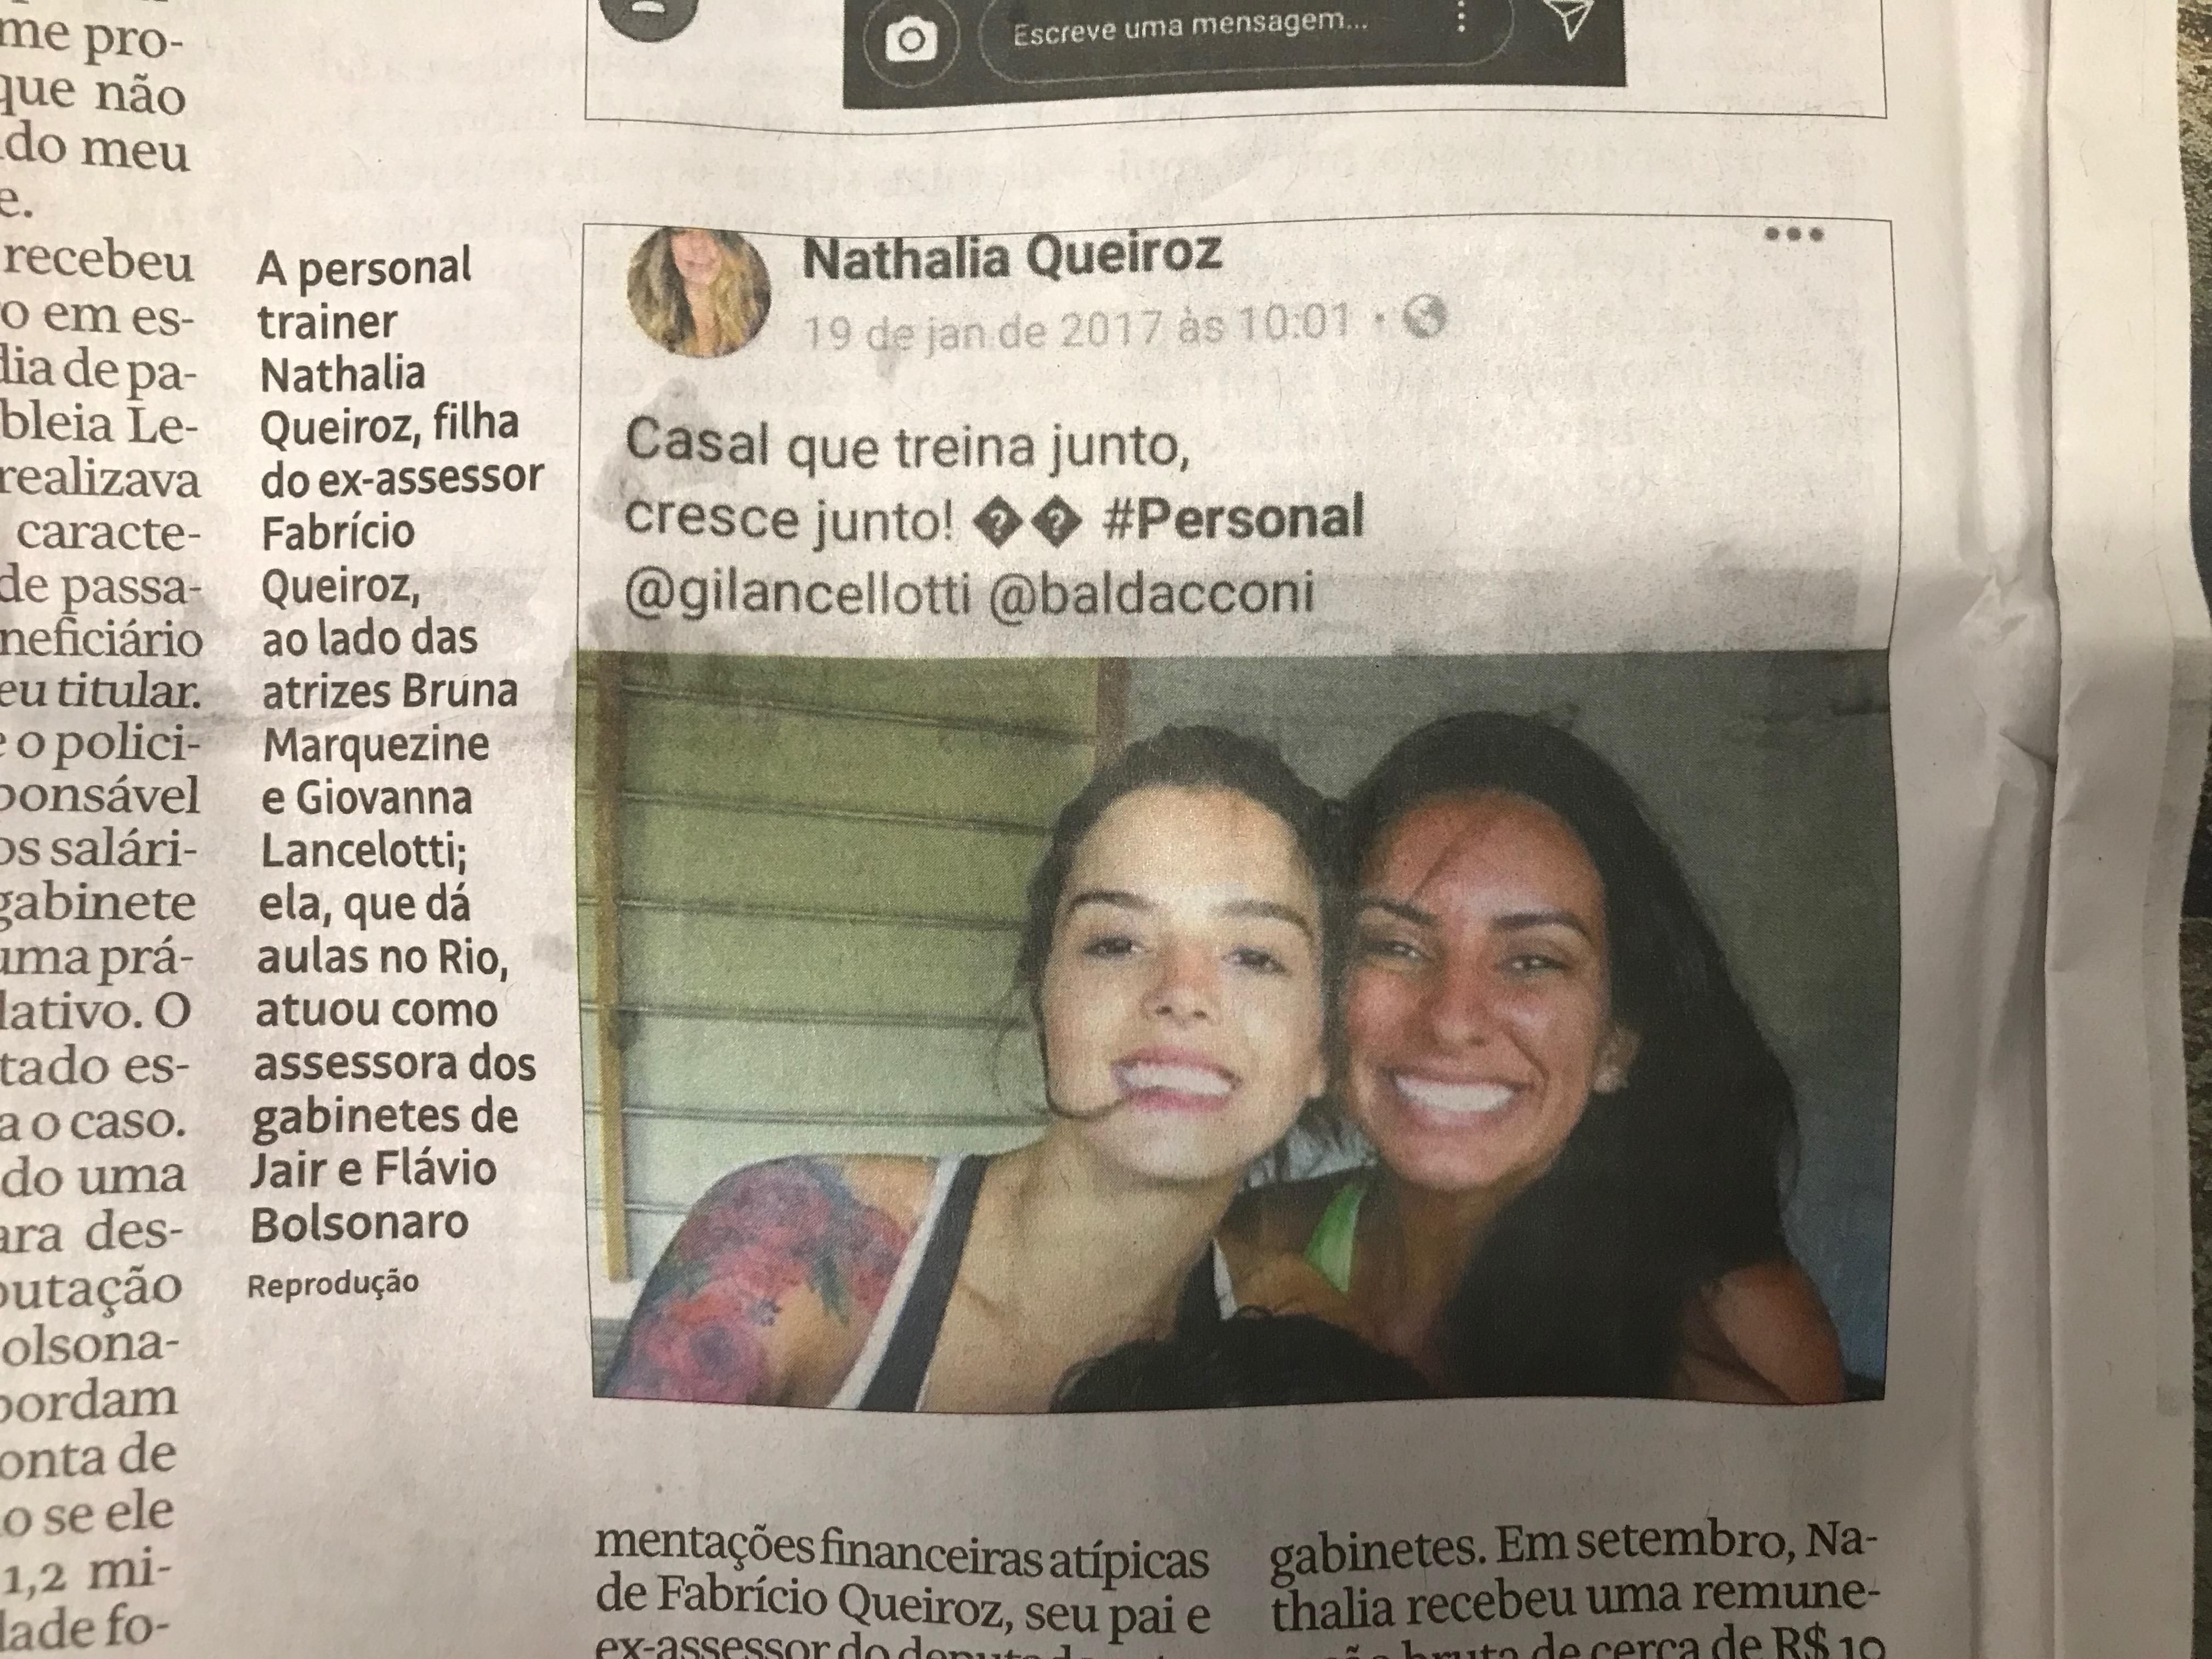 Nathalia apagou a conta no Instagram. Mais um indício de que ela, que transferiu quase 100% do salário para o pai, tem muito a esconder sobre o laranjal dos Bolsonaro